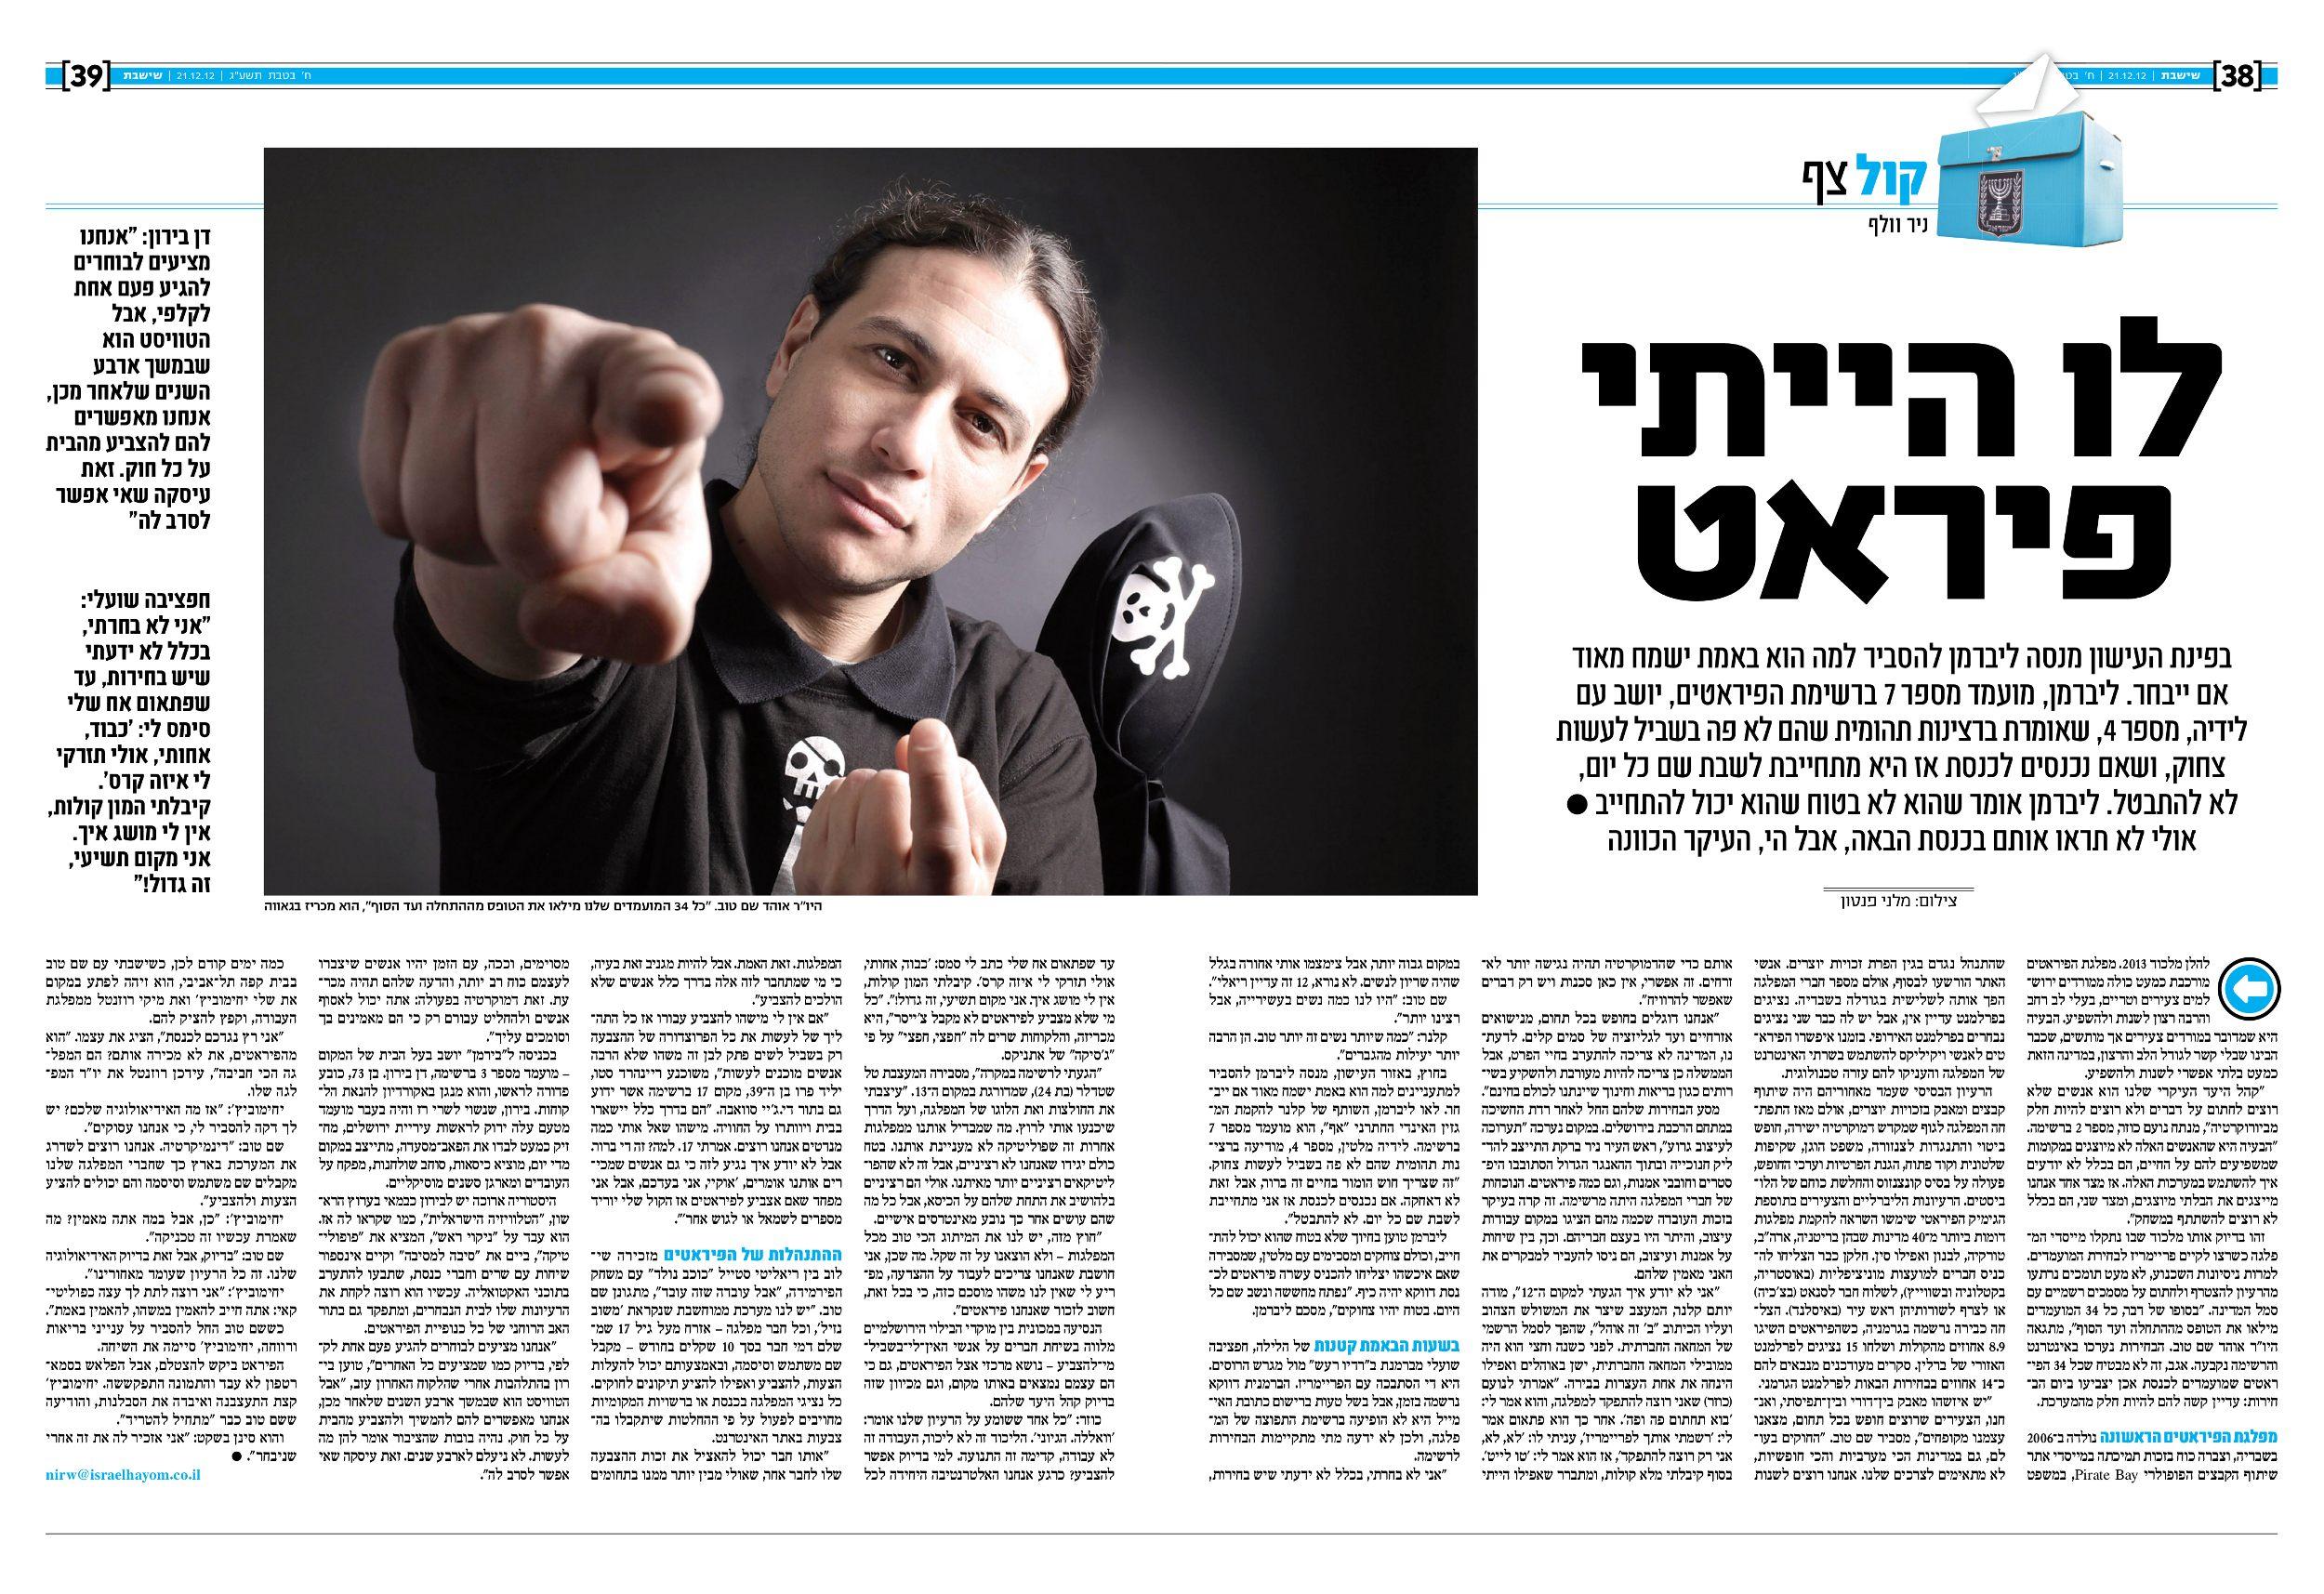 כתבה בישראל היום - 21.12.2012